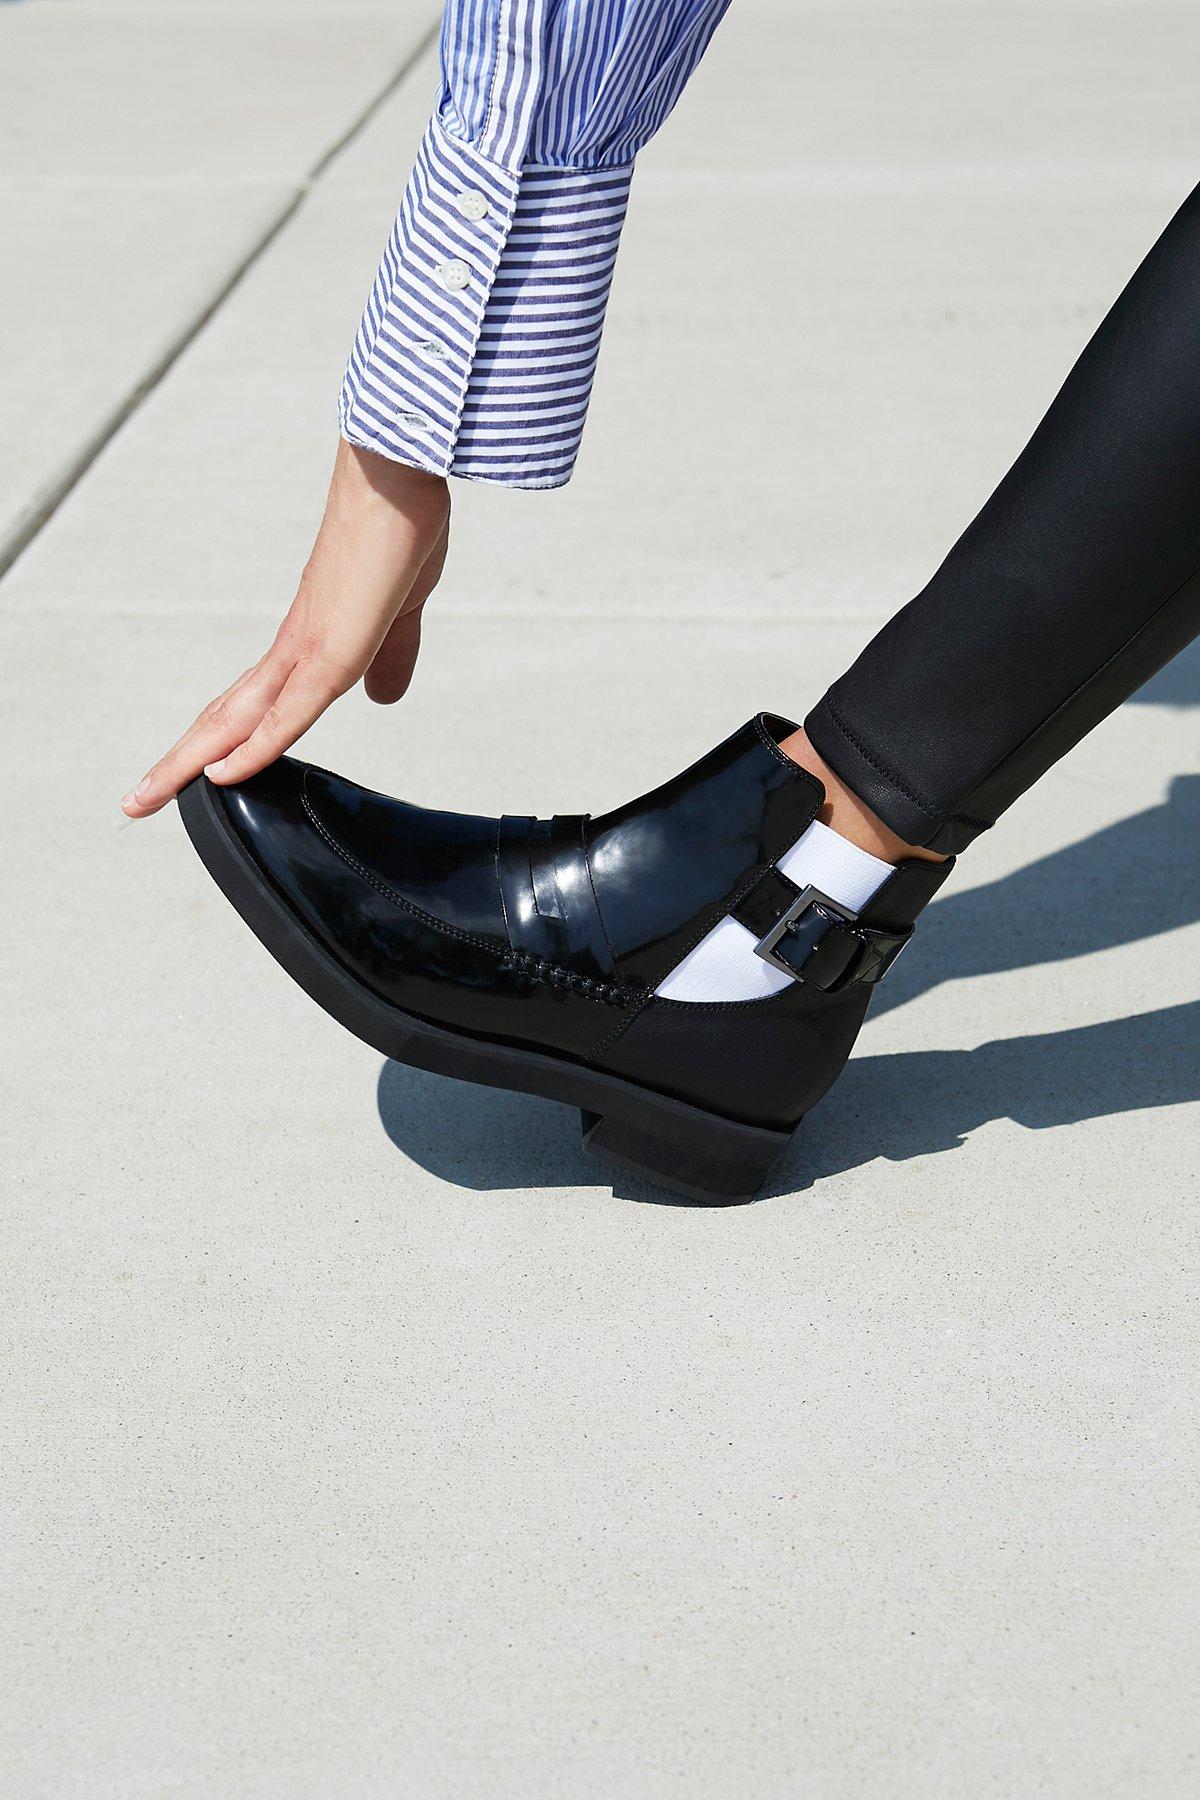 纳帕革靴子